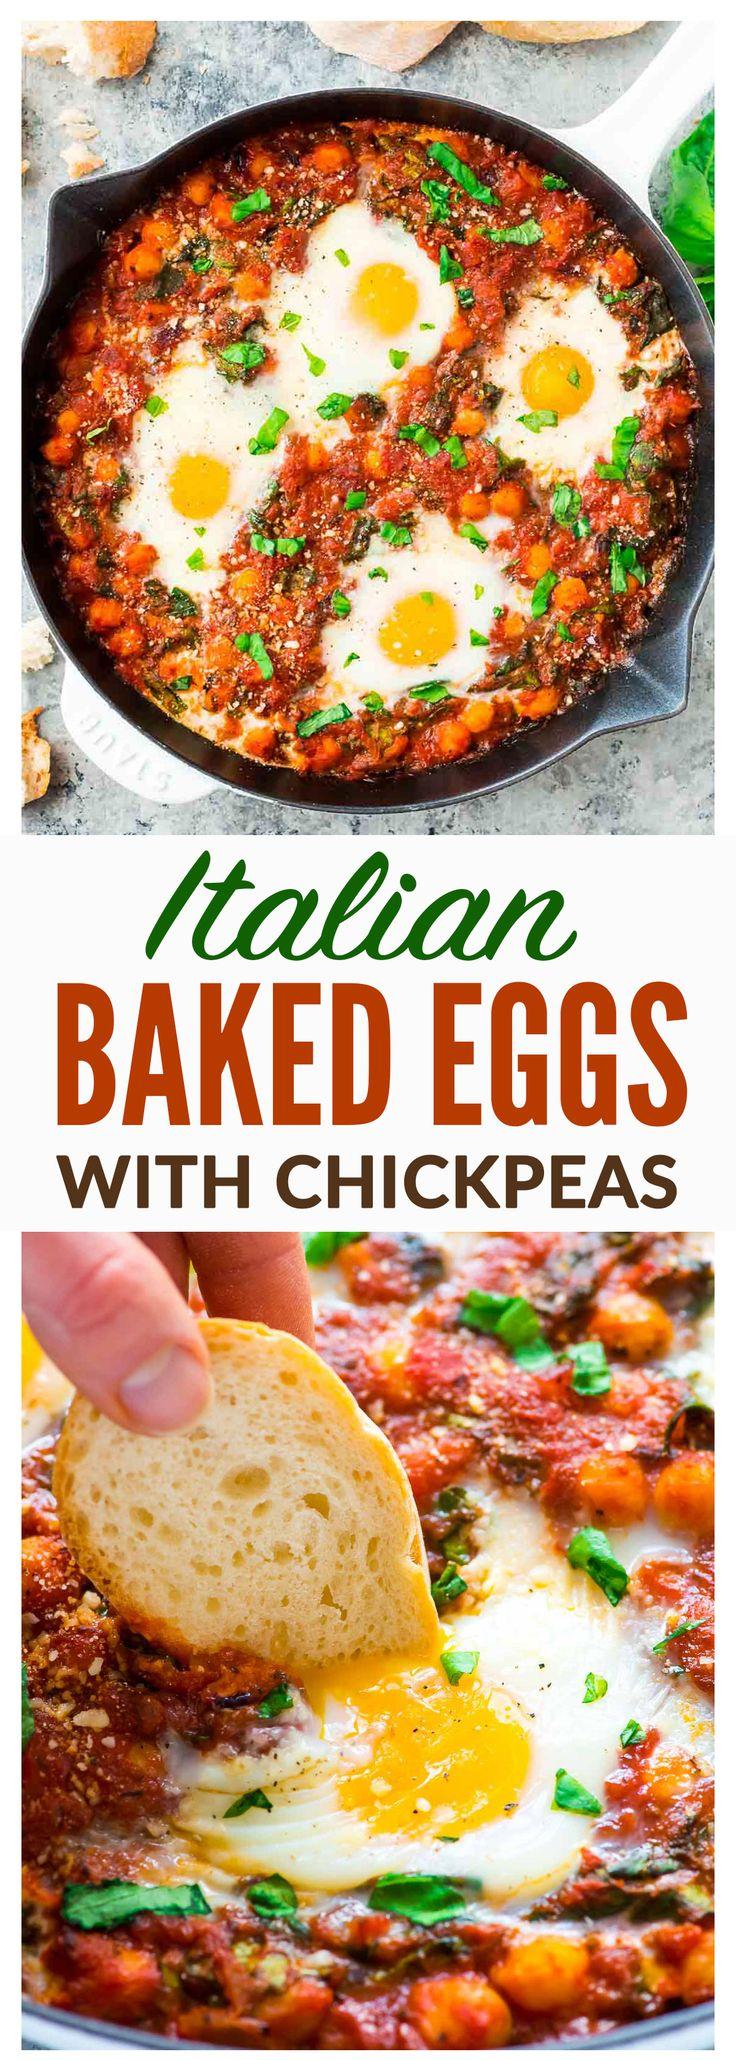 100+ Diabetic Dinner Recipes on Pinterest | Lean recipes ...